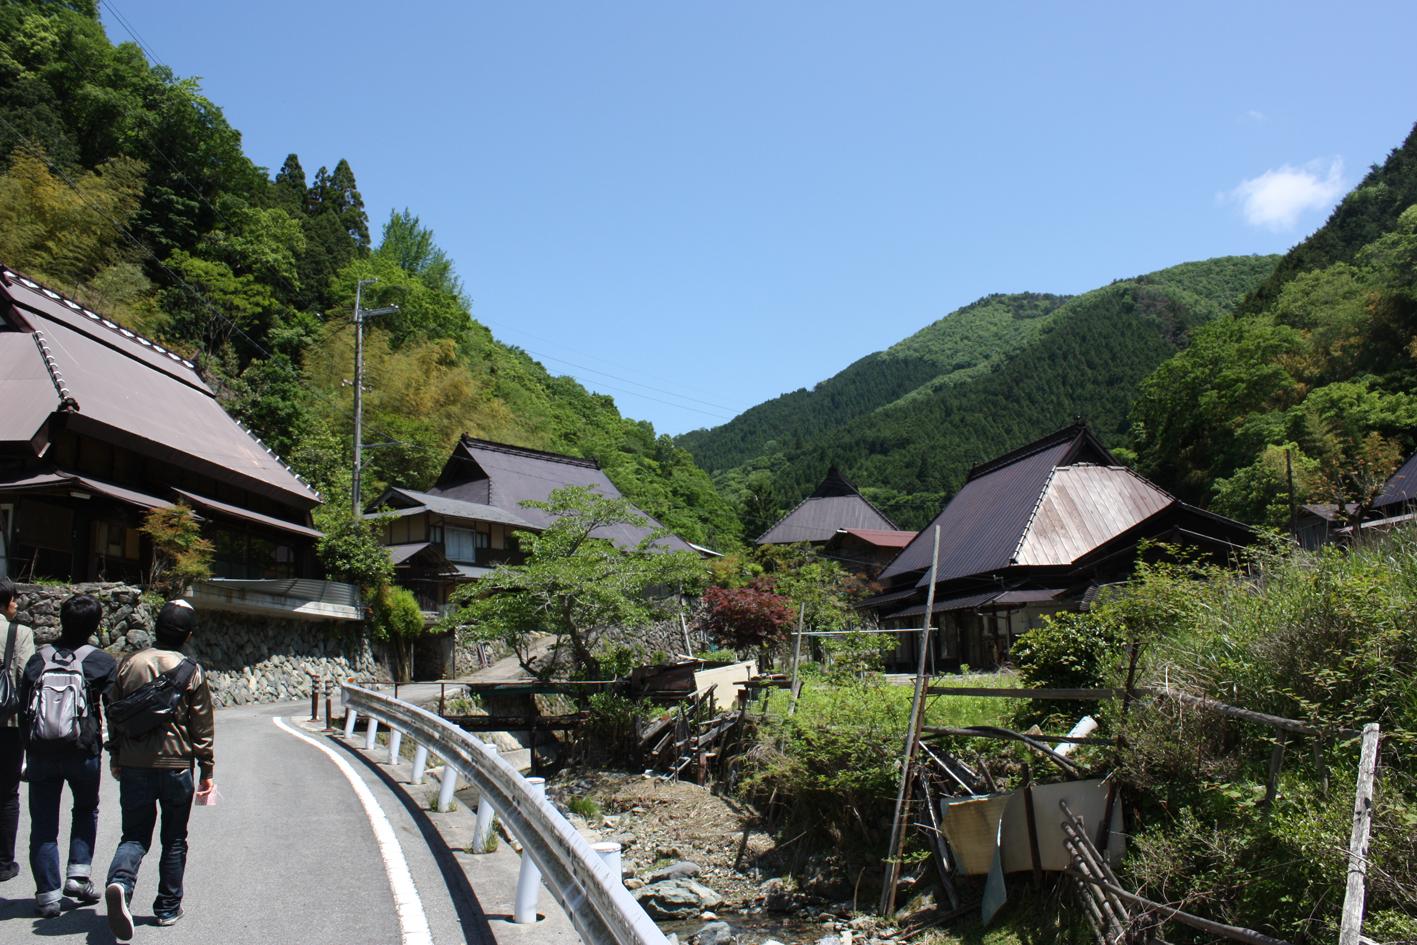 05.29 佐用町に若洲学生村がオープン!: RYO NISHIKAWA BLOG